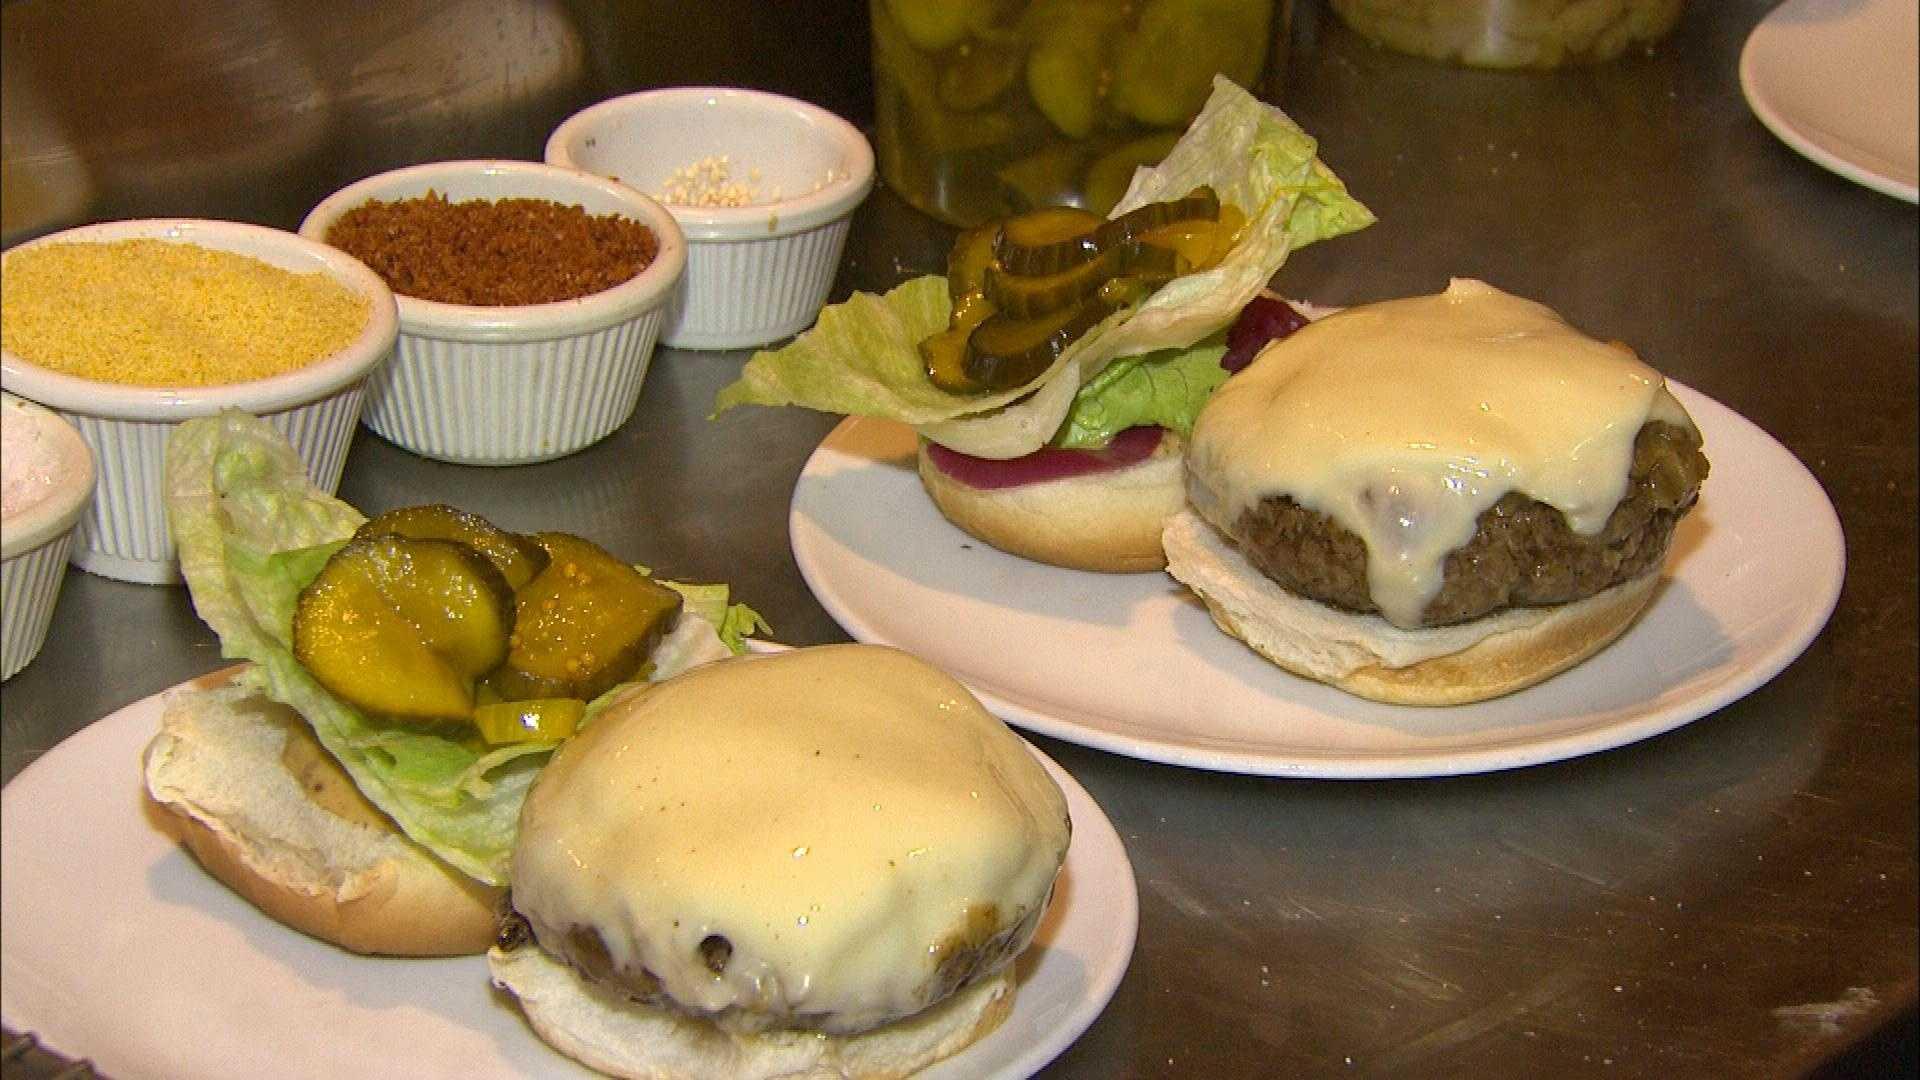 Tuesday, January 14: Cheap Eats